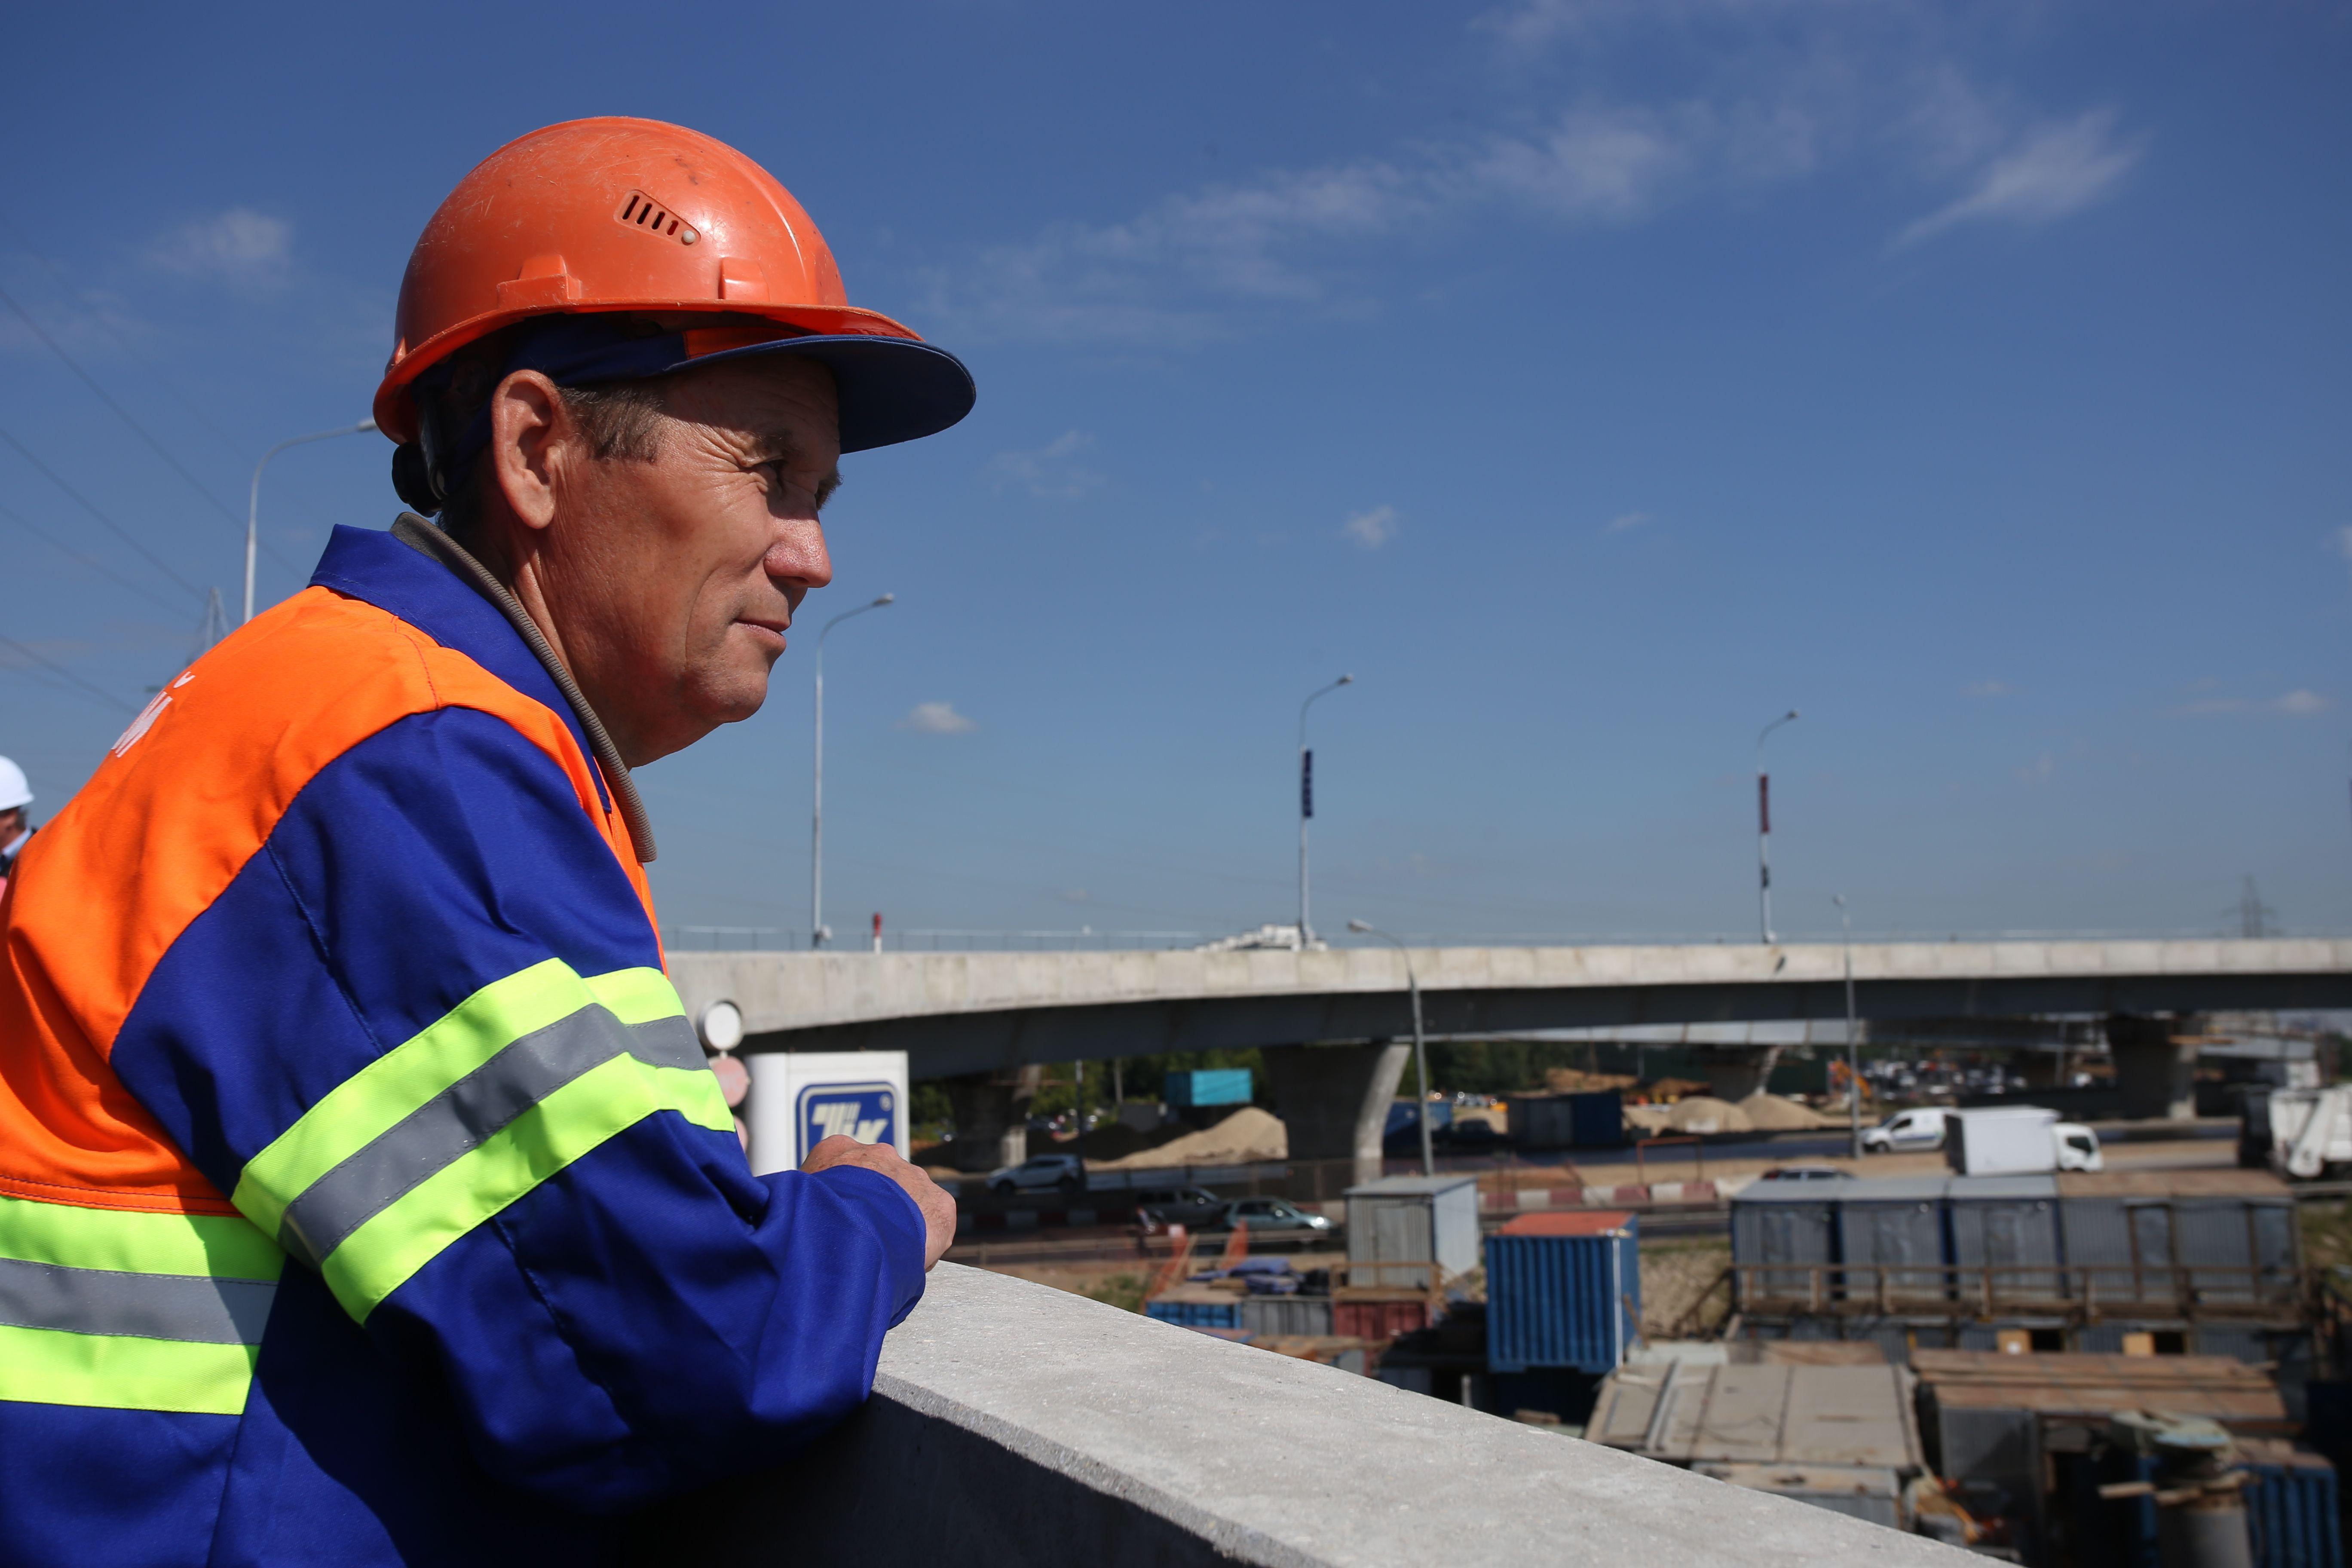 Москва построит новую дорогу возле станции метро «Университет Дружбы Народов»